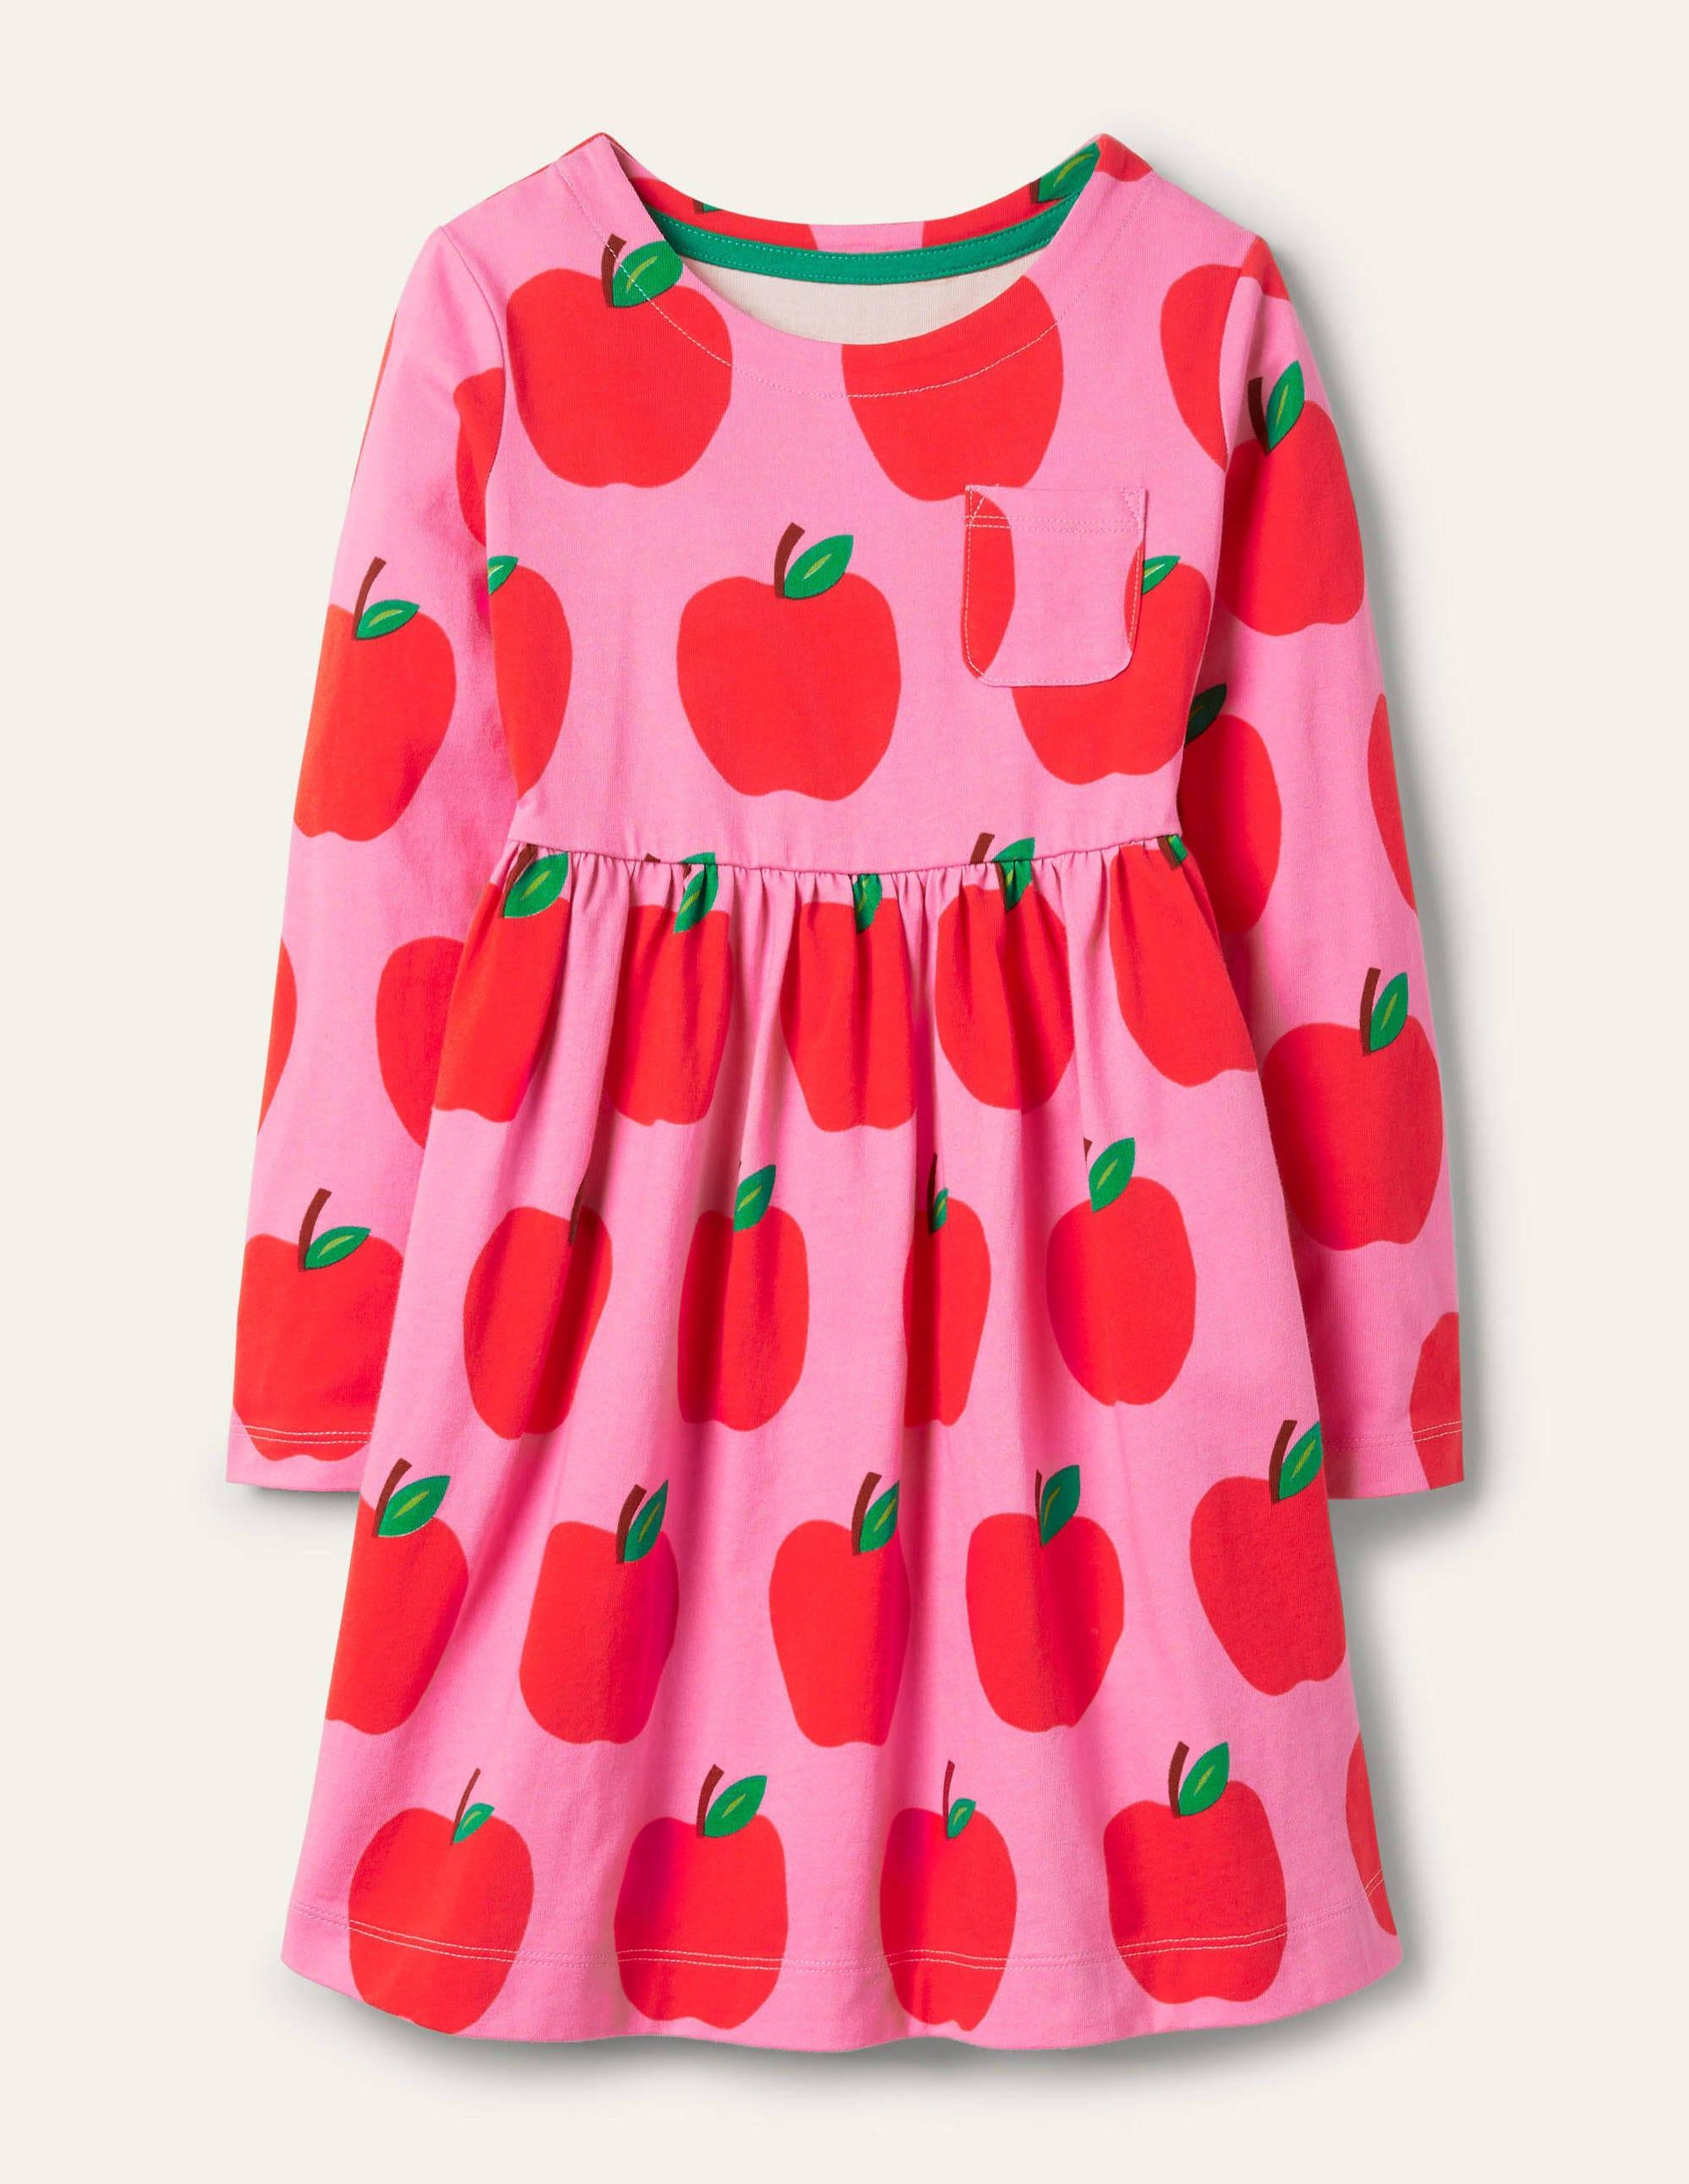 Boden Long Sleeve Fun Jersey Dress - Bright Pink Petal Apples